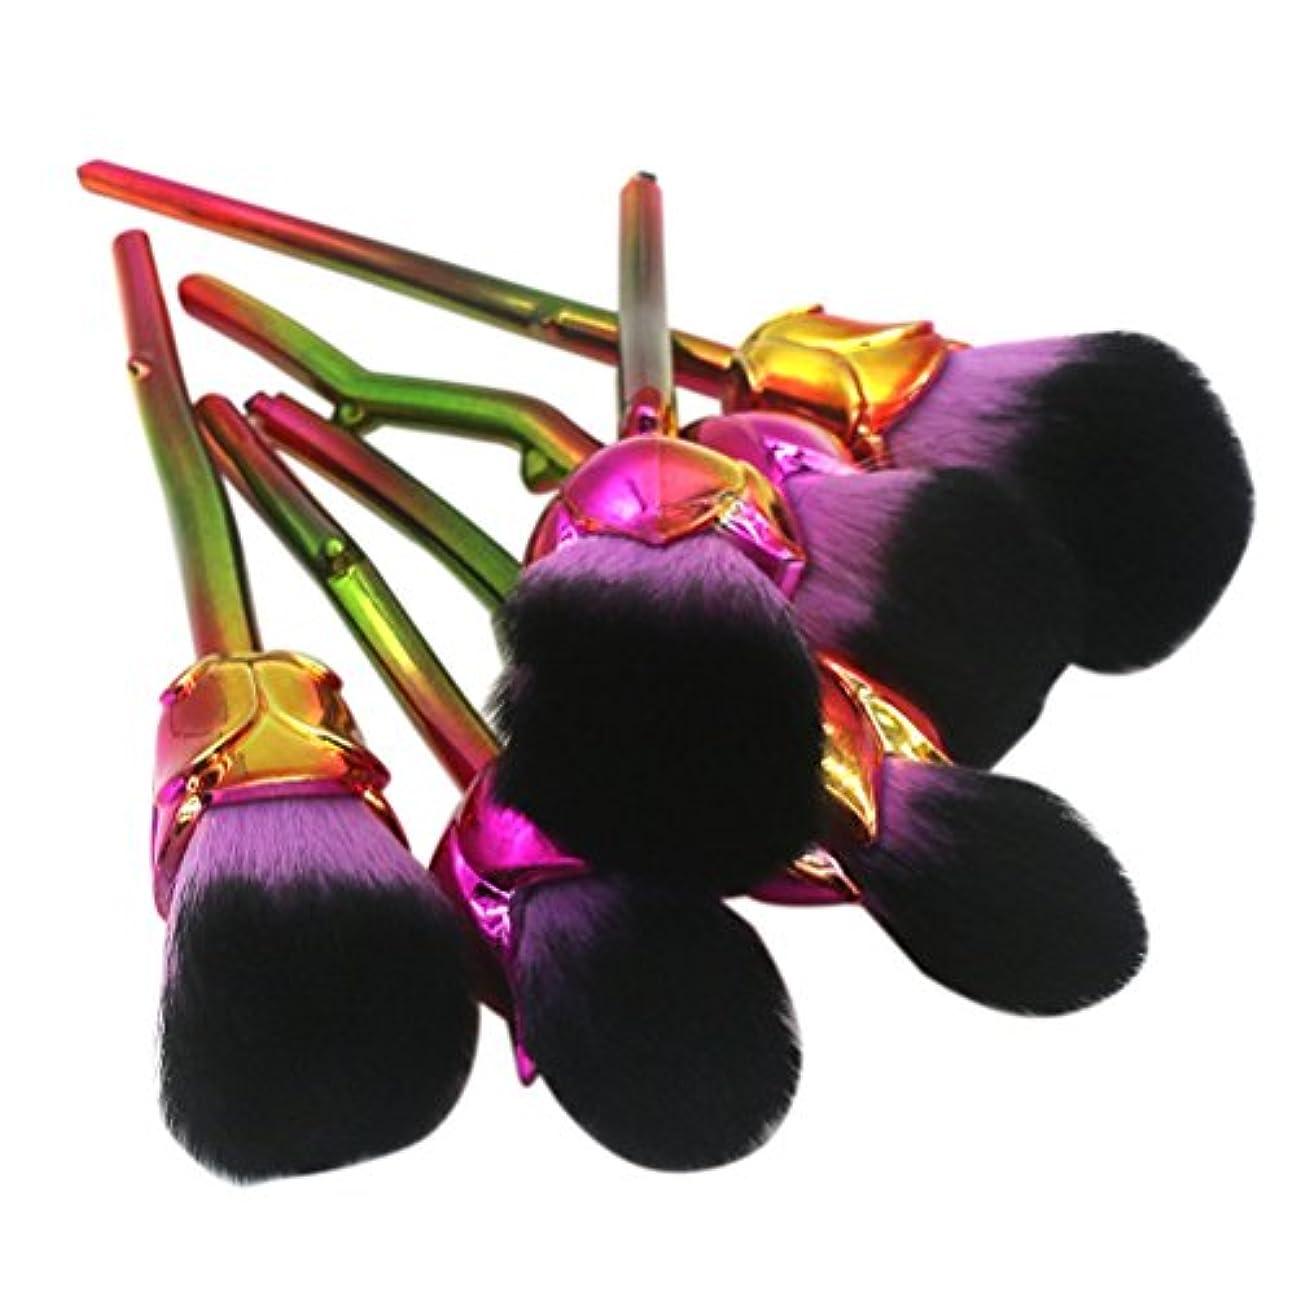 床を掃除する静脈助言するディラビューティー(Dilla Beauty) メイクブラシ 薔薇 メイクブラシセット 人気 ファンデーションブラシ 化粧筆 可愛い 化粧ブラシ セット パウダーブラシ フェイスブラシ ローズ メイクブラシ 6本セット ケース付き (パープル)